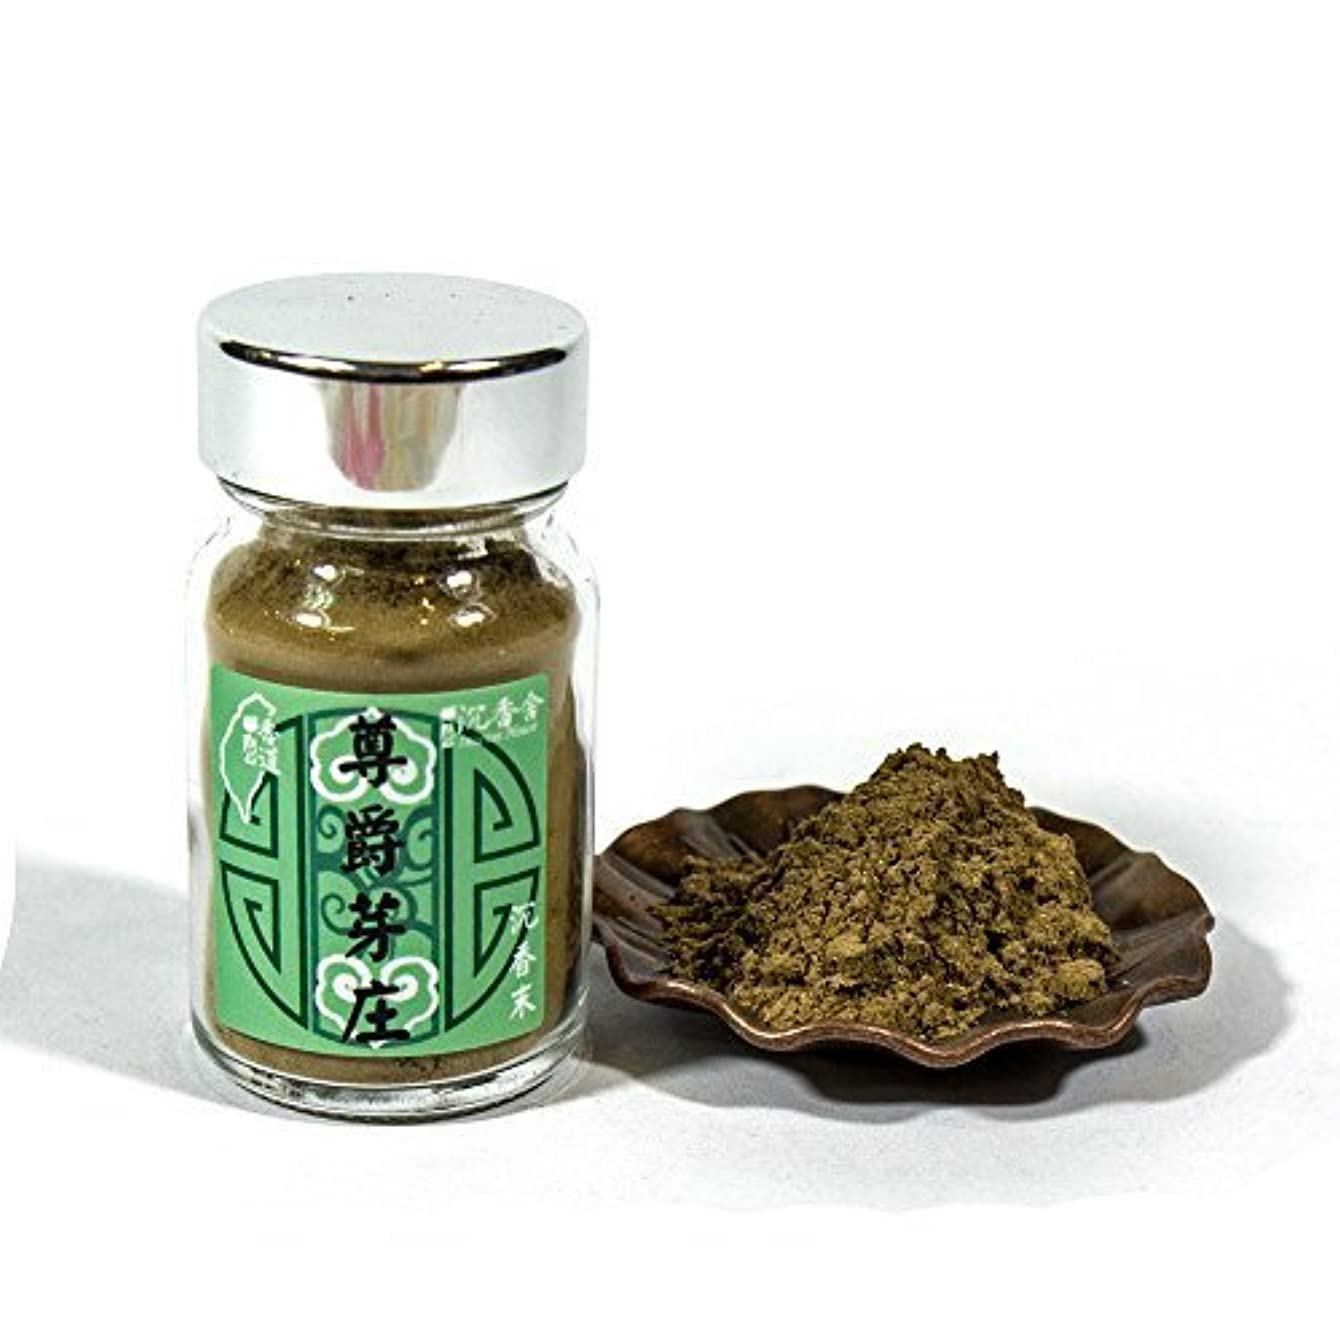 更新する脚本家ジムAgarwood Aloeswood Top Grade Old Stock NhaTrang Chen Xiang Incense Powder 10g by IncenseHouse - Raw Material [...